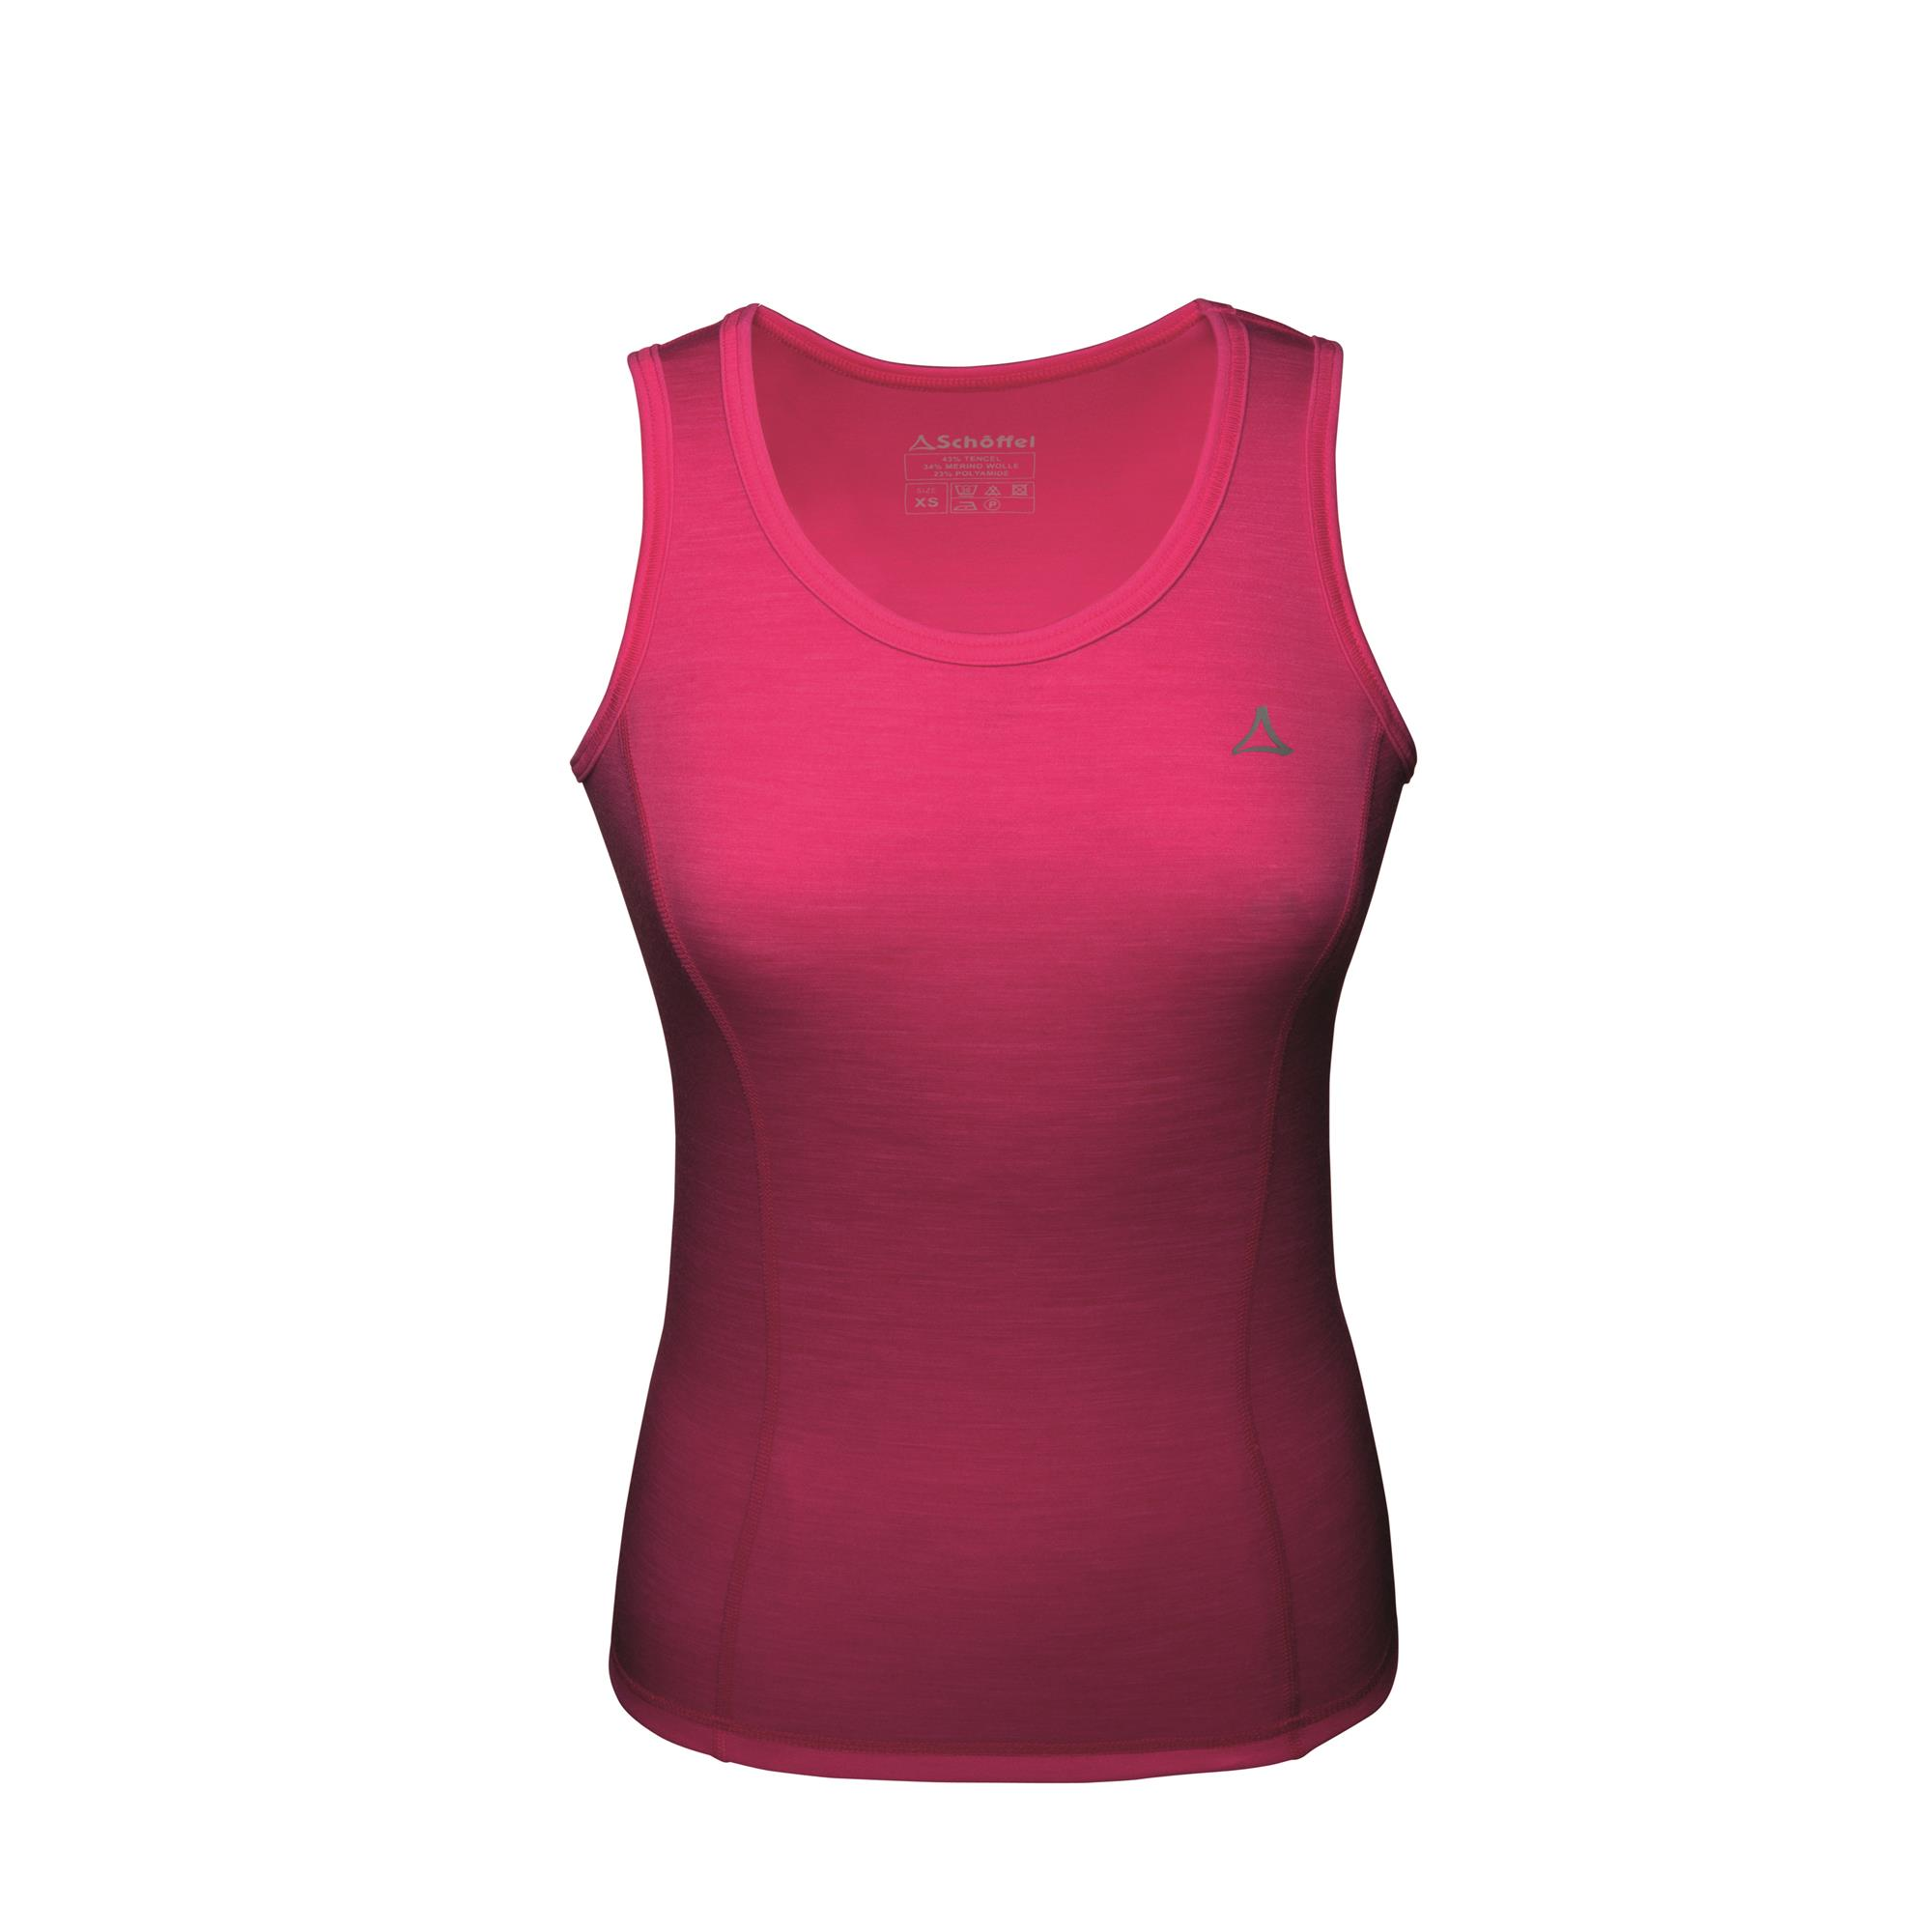 Schöffel Merino Sport Shirt Top W Funktionsunterwäsche Damen